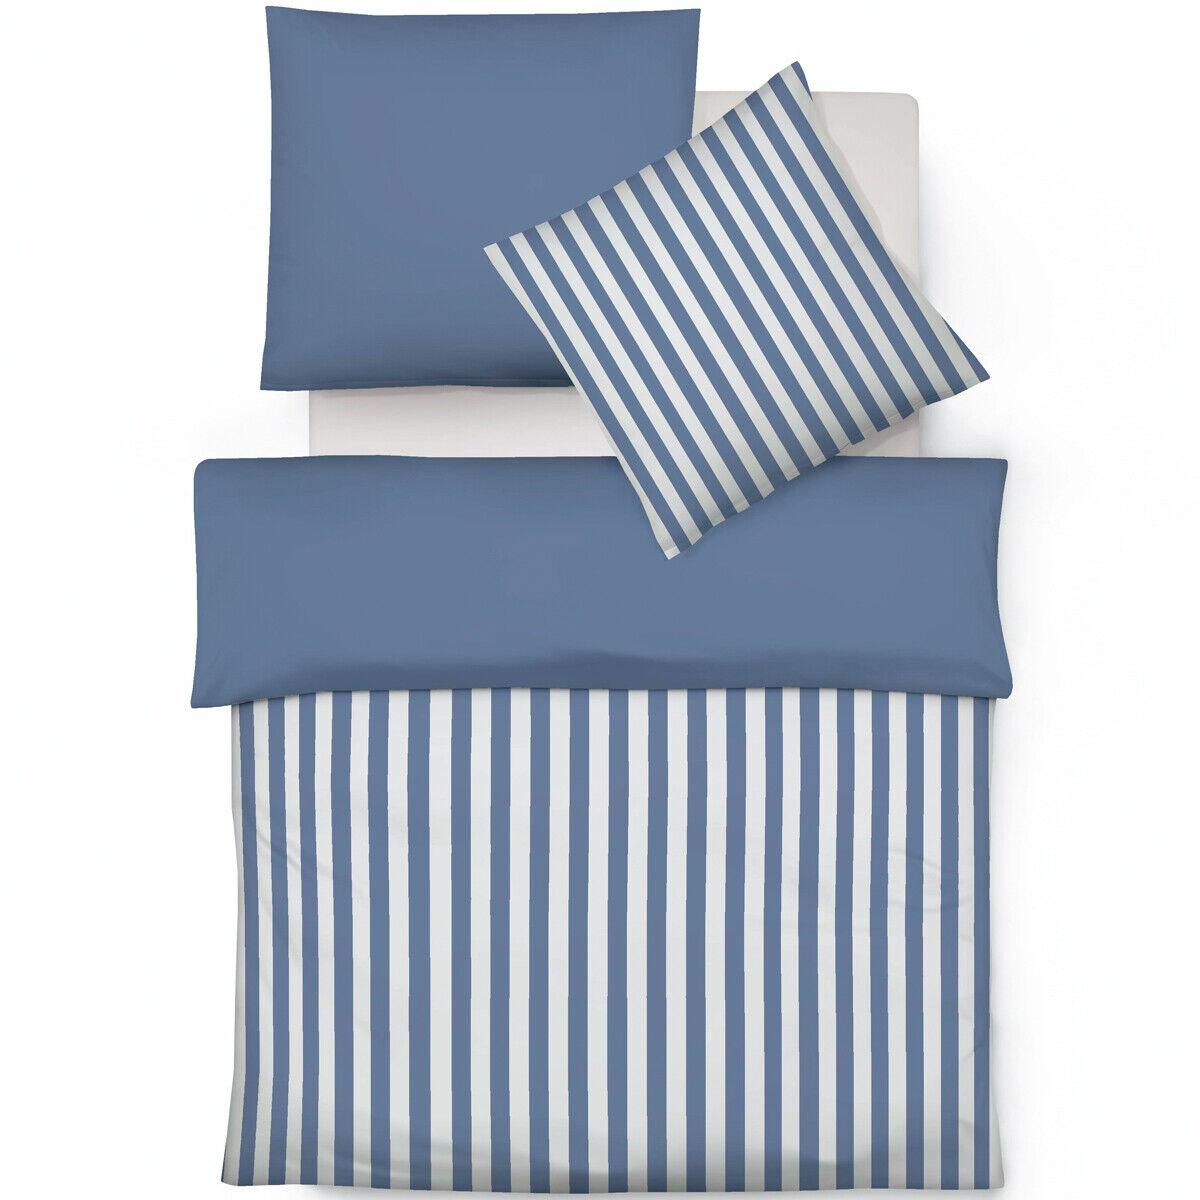 Fleuresse Wende Bettwäsche Buntgewebe Blau Mit Streifen Modernes